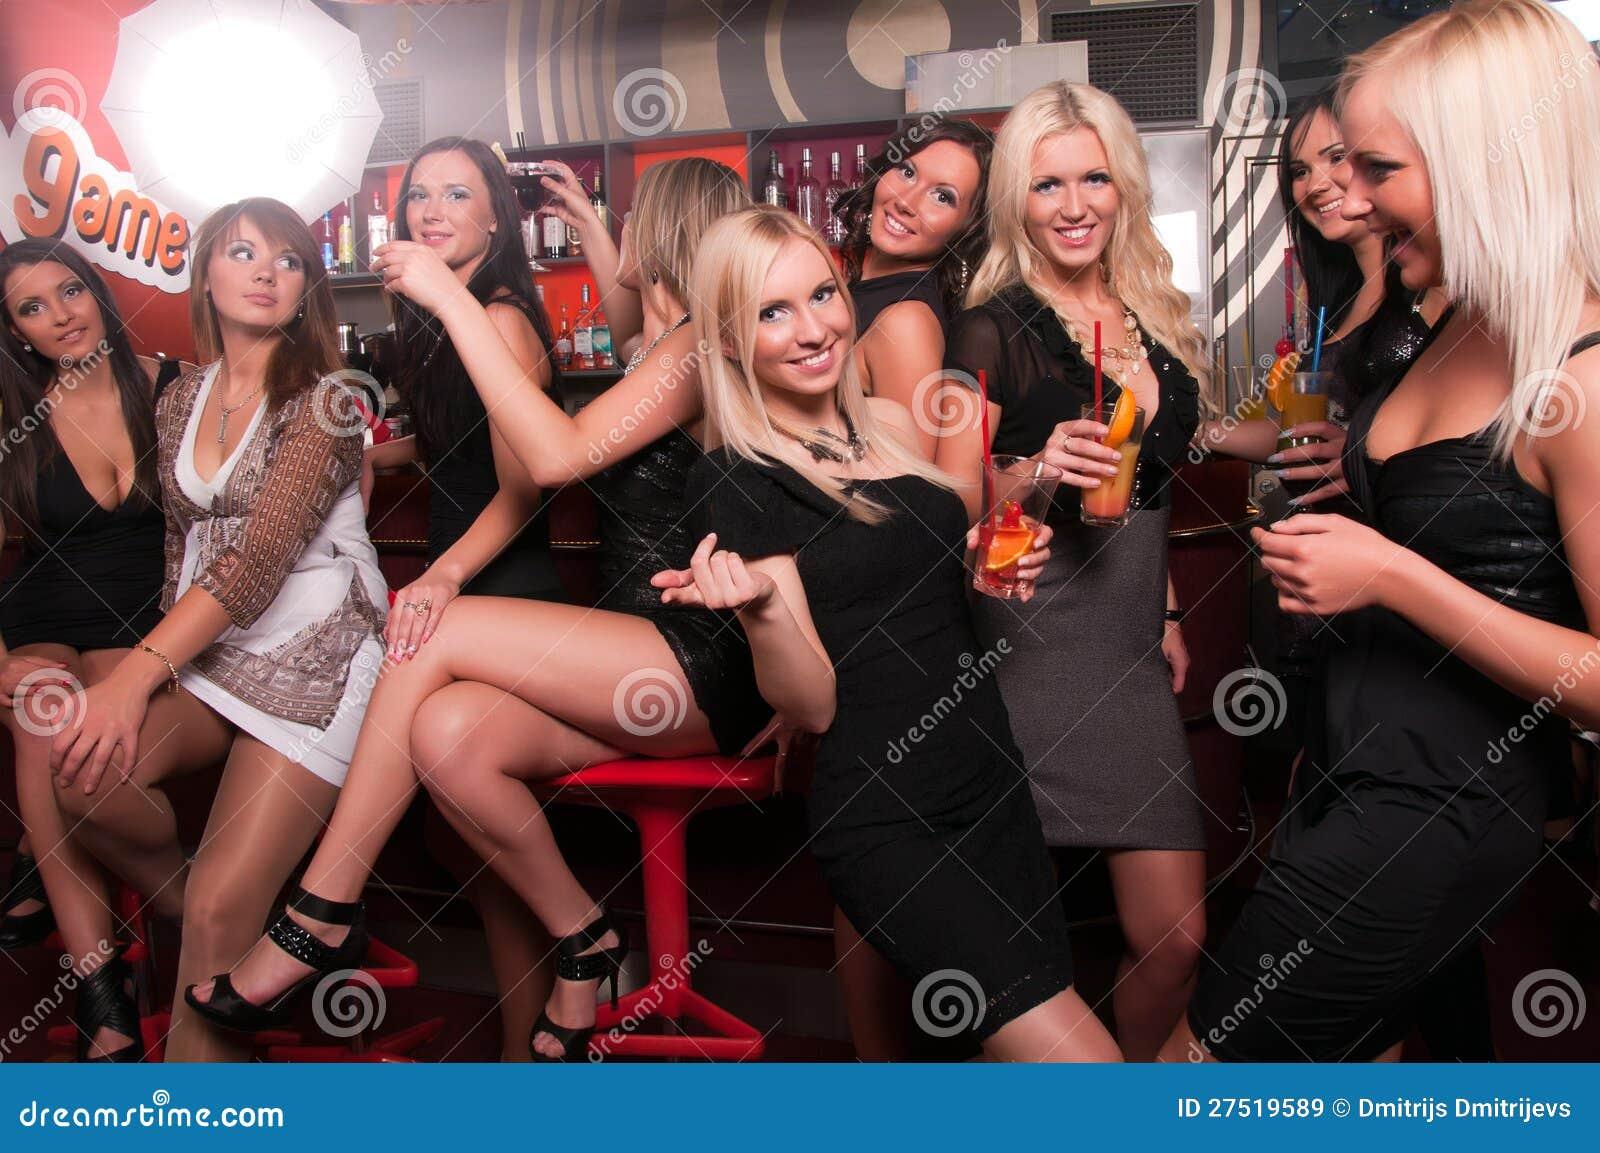 nachtclub leipzig hübsche girls